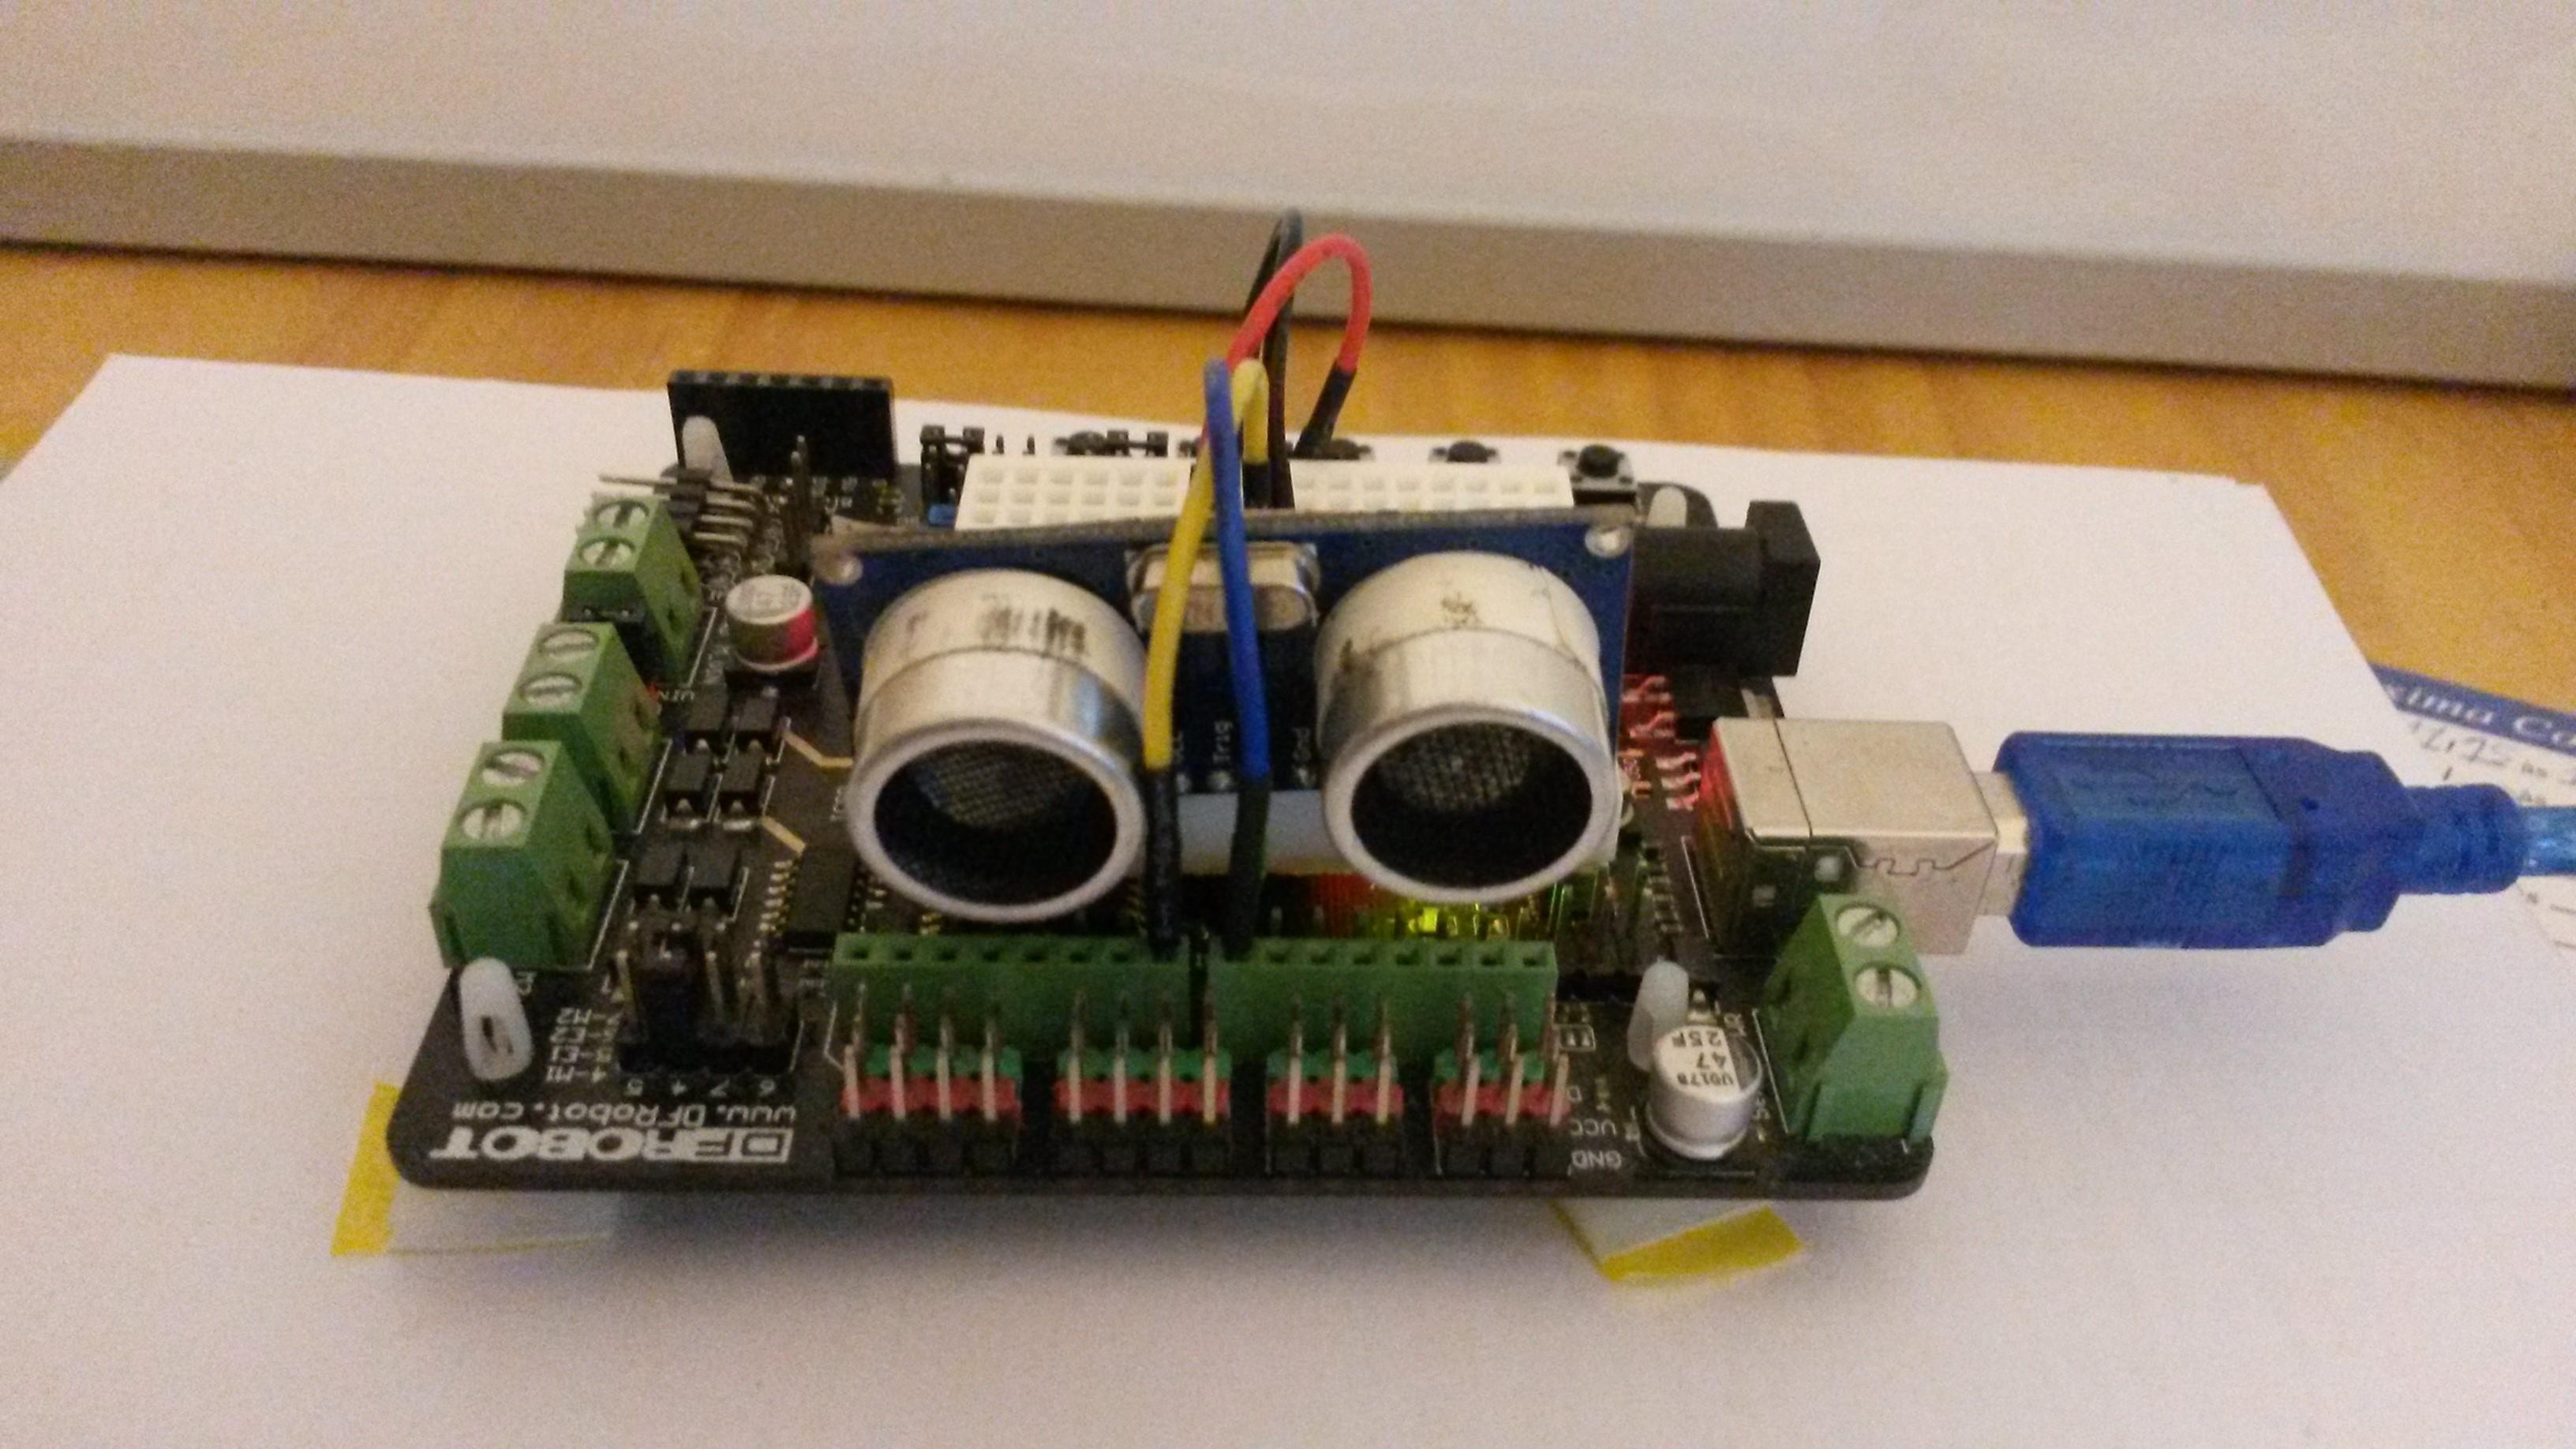 Sensor de distância HC-SR04 com Arduino e Programação C#